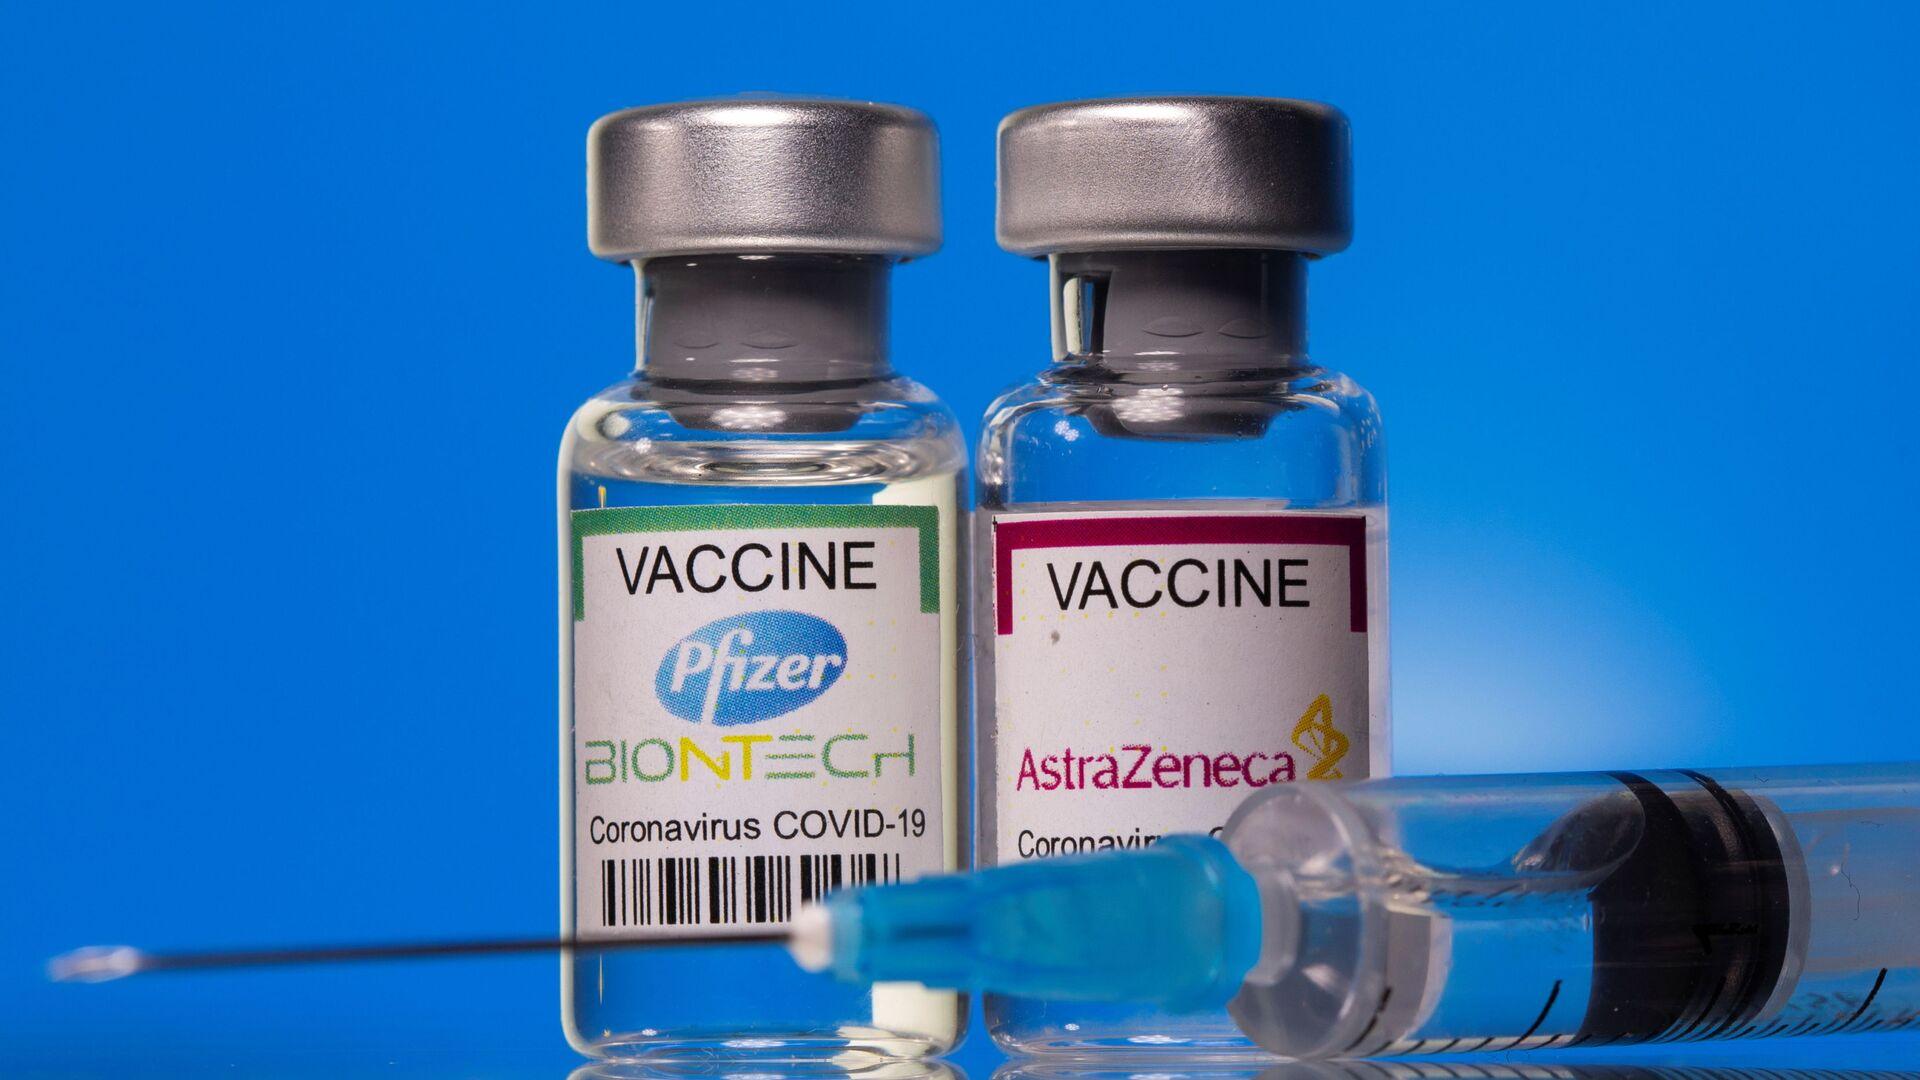 Fiale con vaccini anti-COVID Pfizer ed AstraZeneca - Sputnik Italia, 1920, 02.07.2021